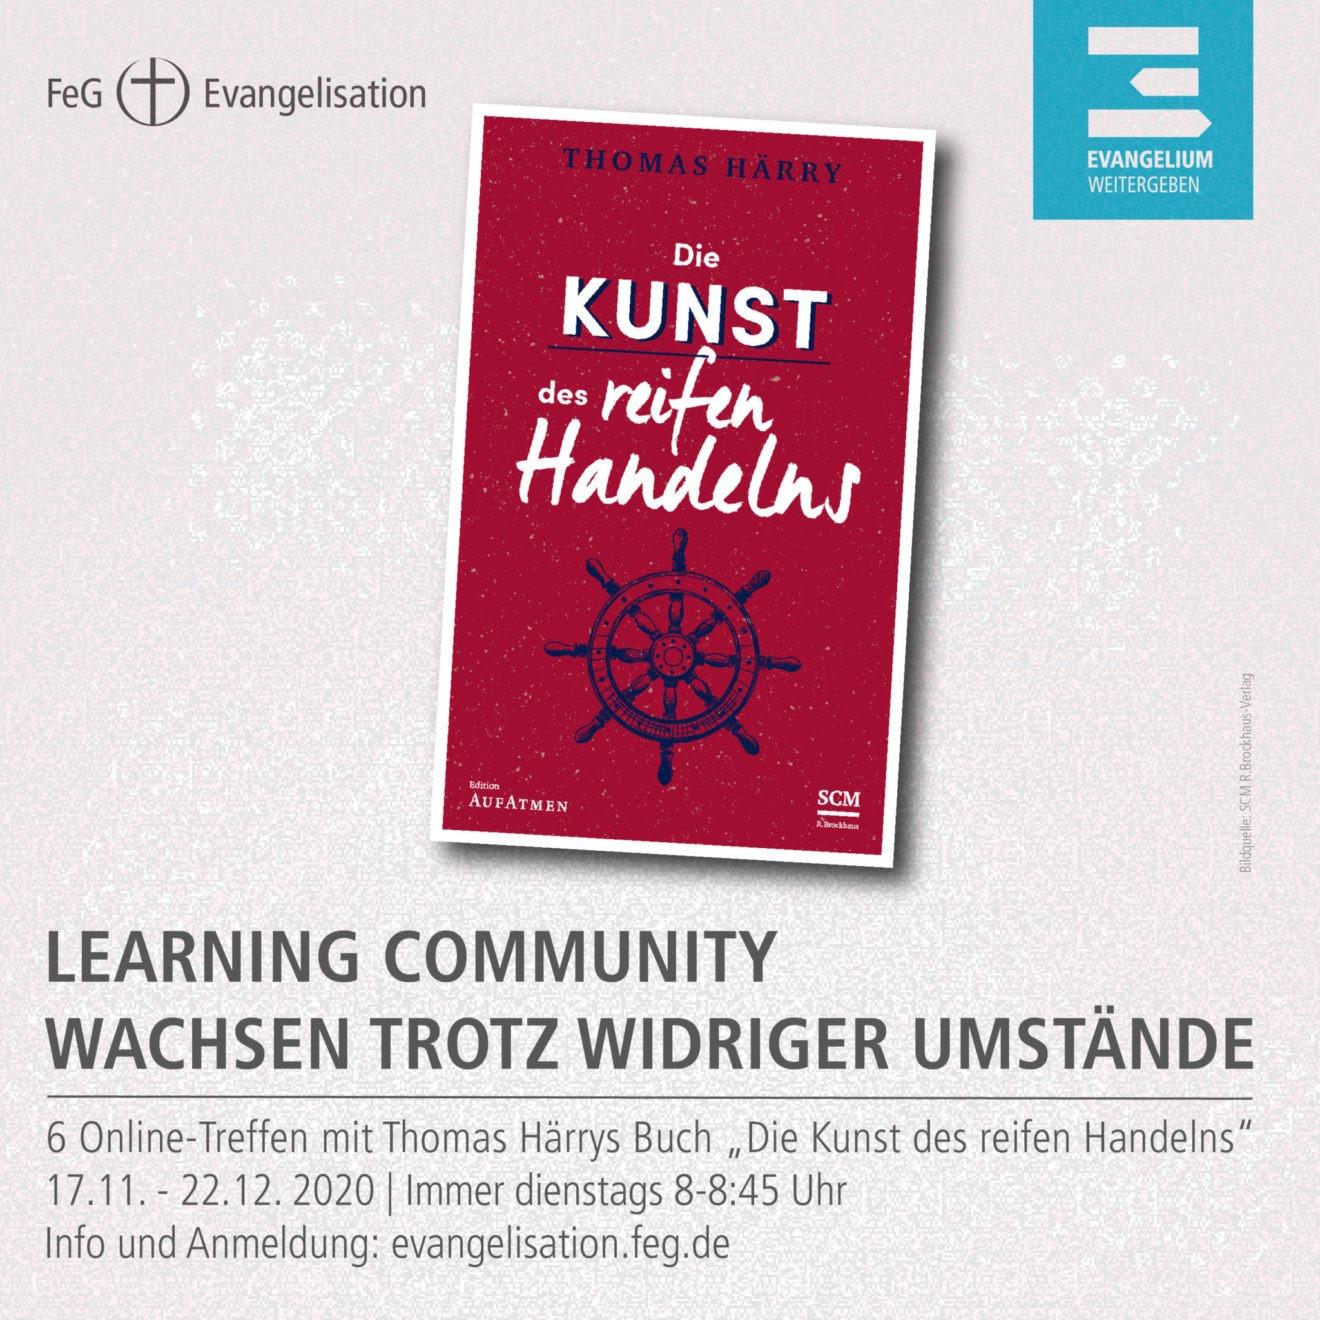 FeG Evangelisation | Learning Community | Wachsen trotz widriger Umstände1]